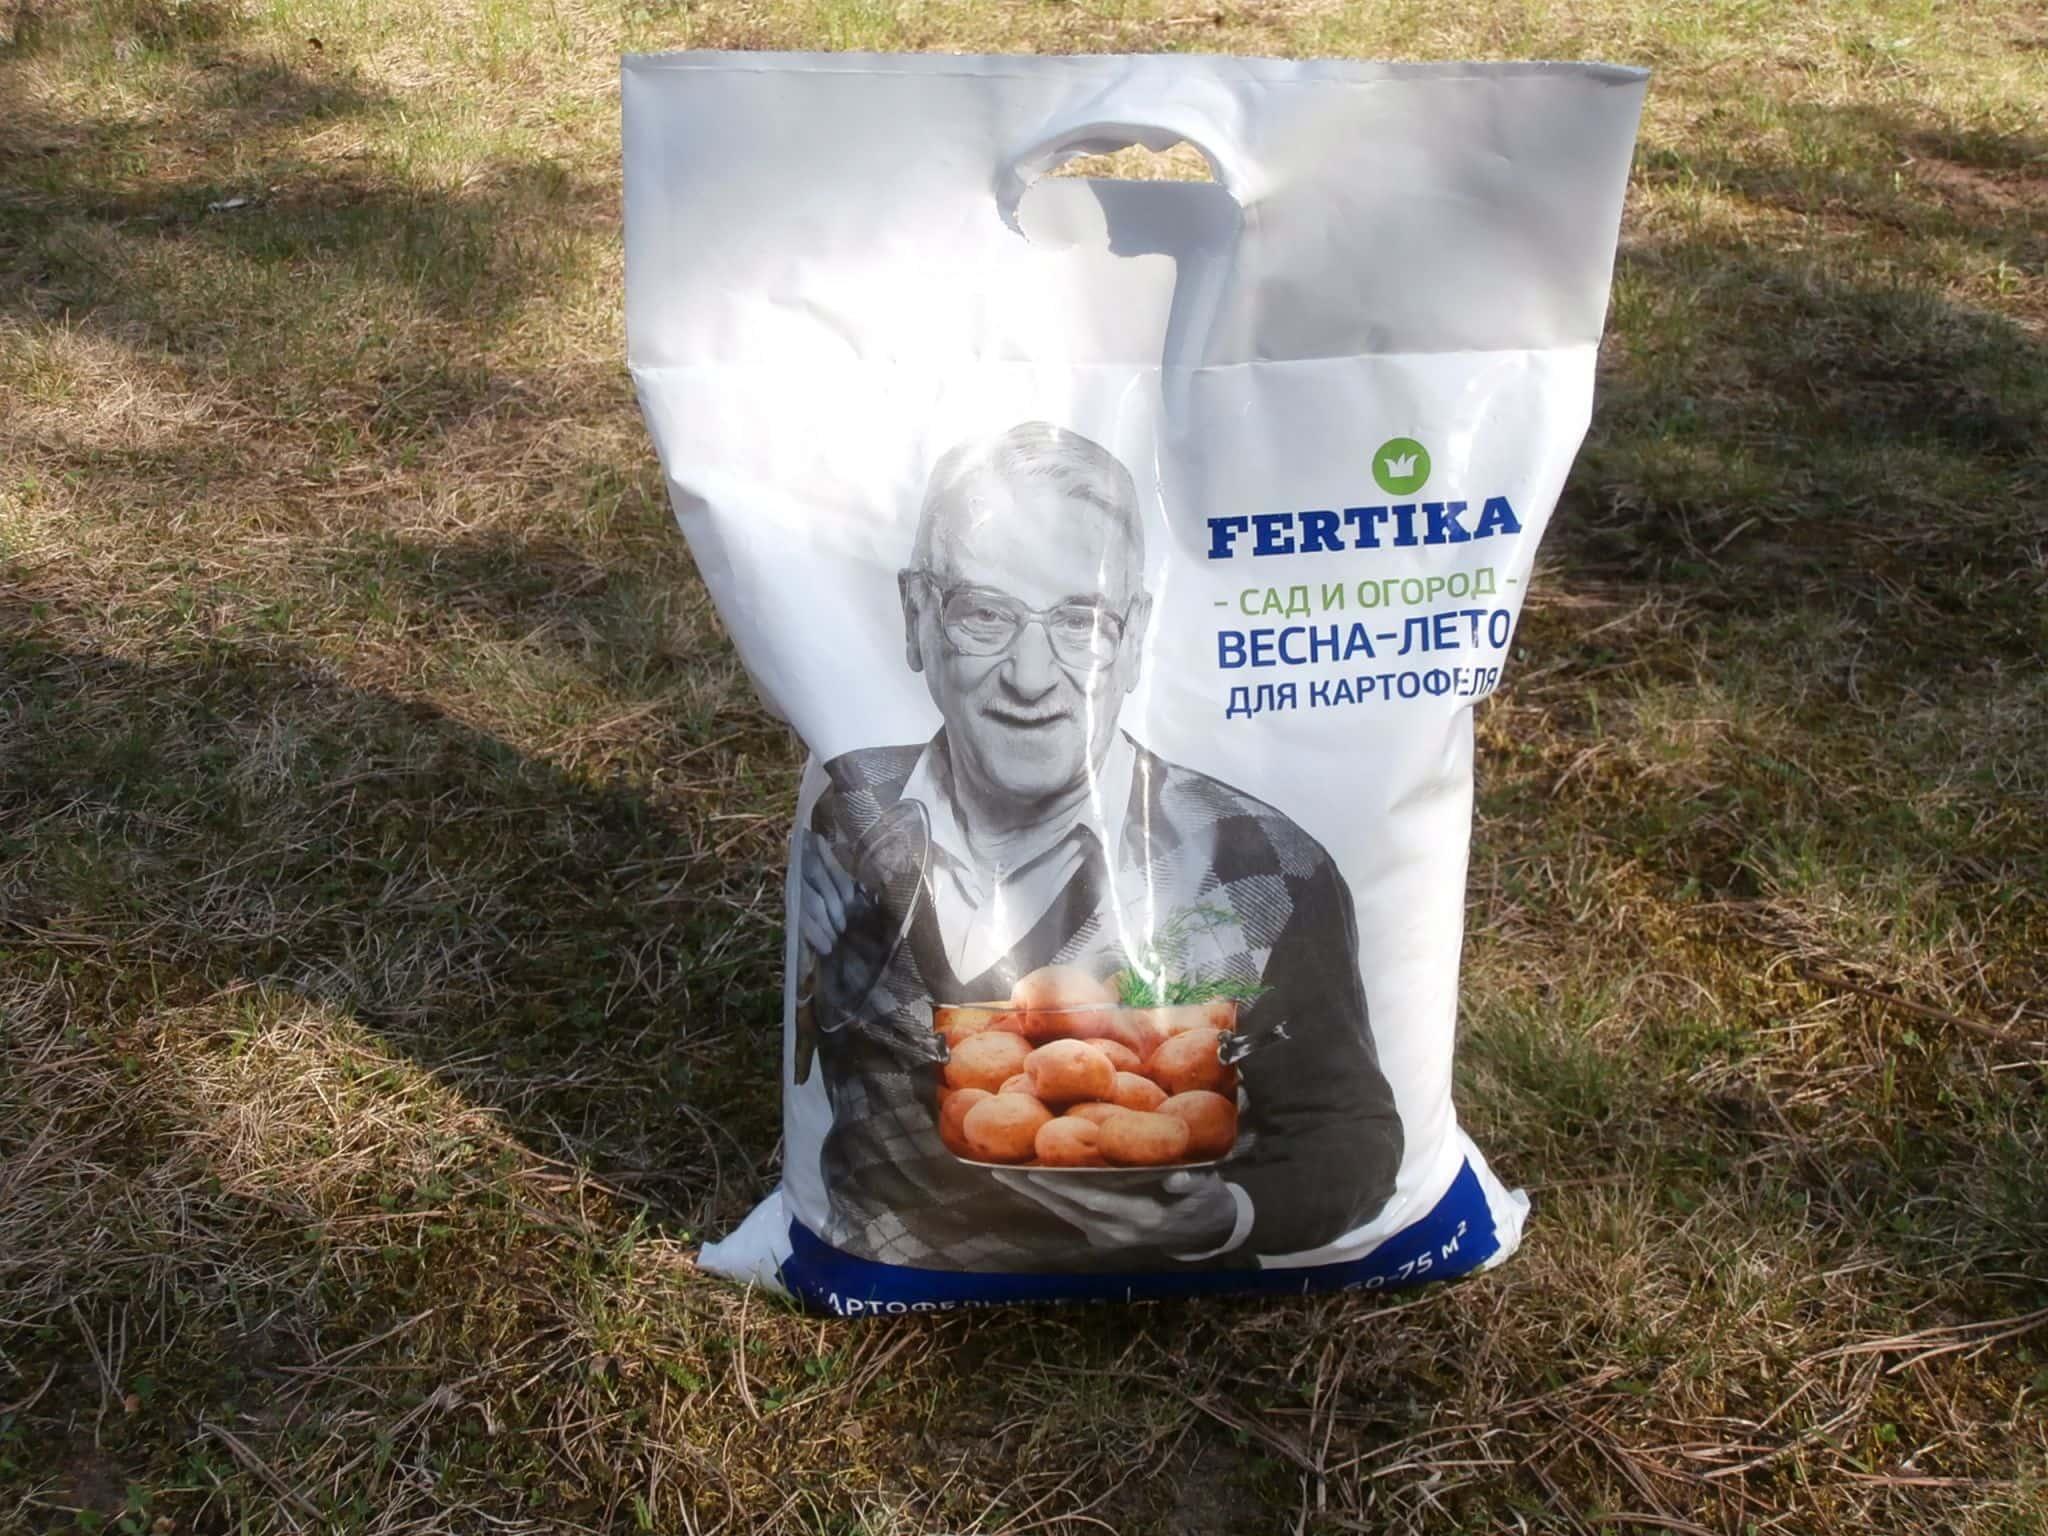 Рекомендации огородникам по удобрению картофеля при посадке и после неё